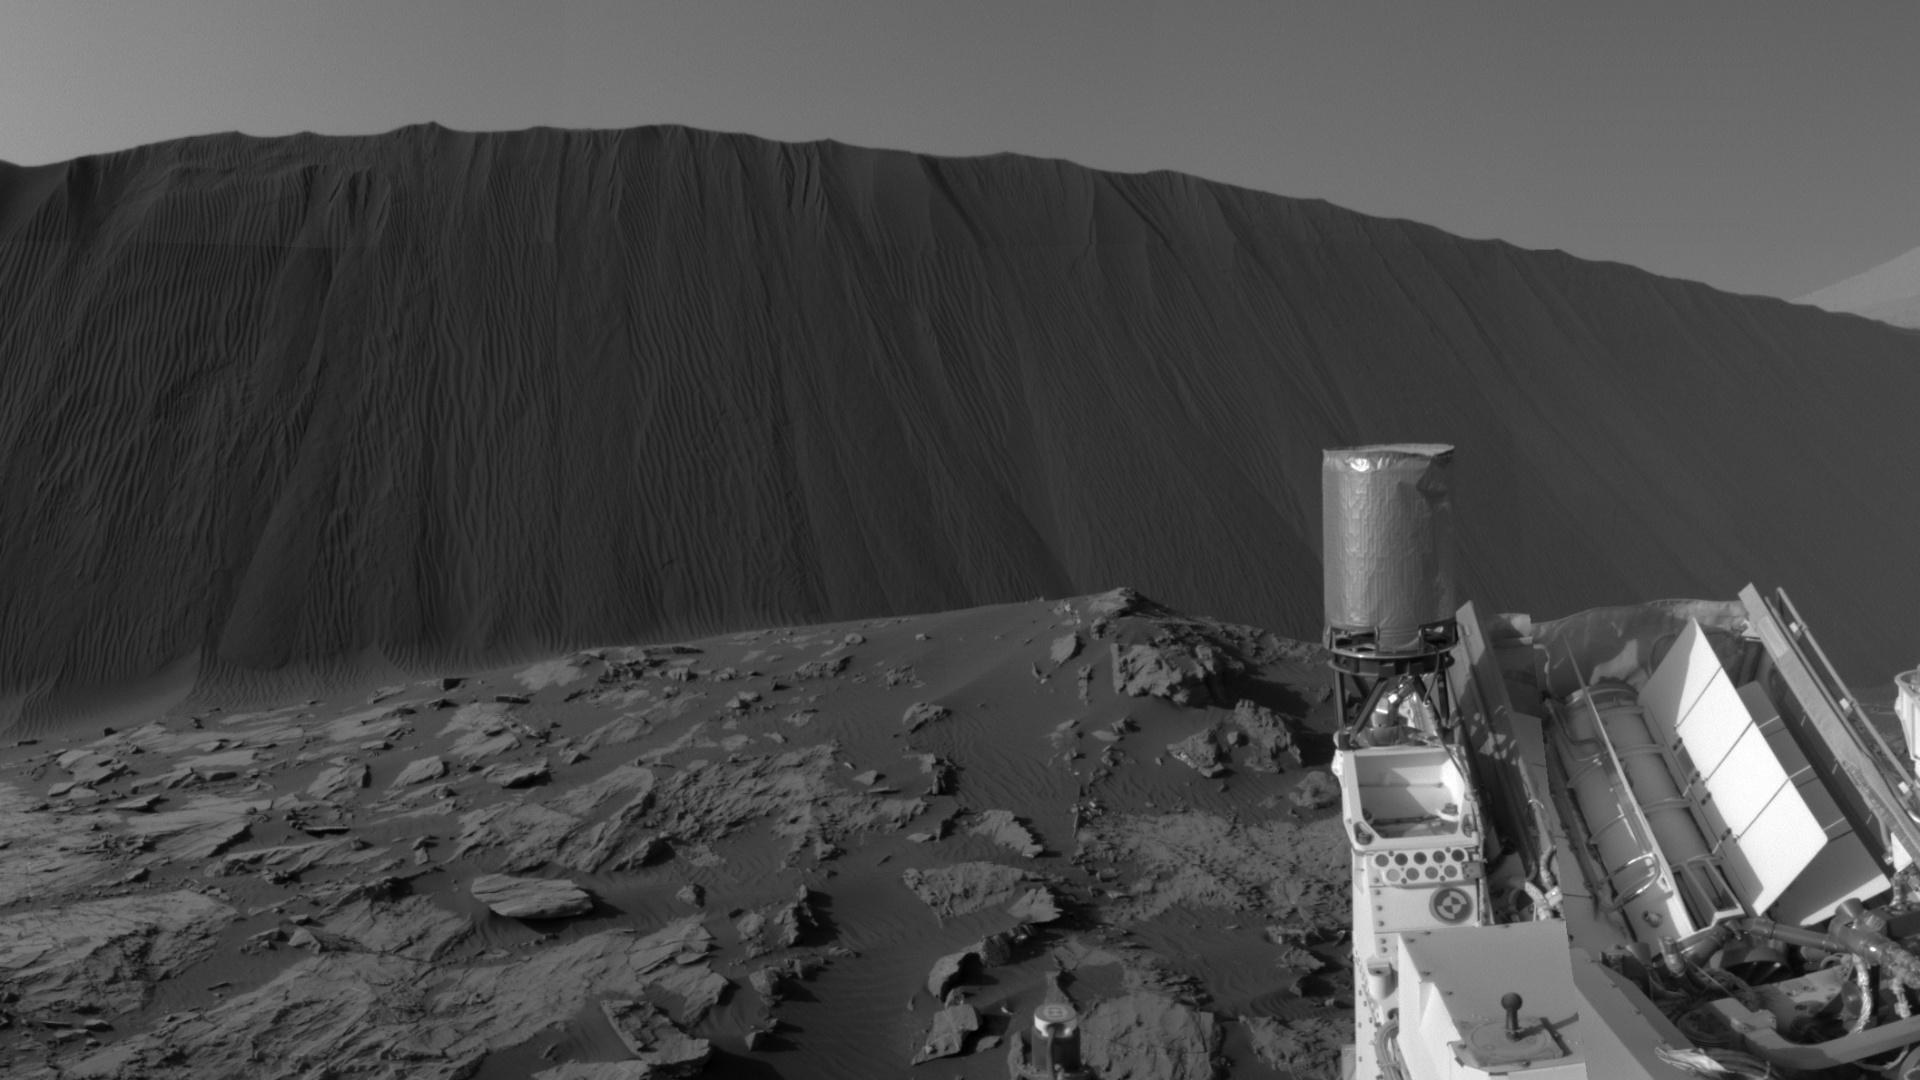 5.jan.2016 - Foto feita em solo marciano pelo robo Curiosity da duna Namib, de cerca de quatro metros de altura. O robô está realizando estudos das dunas de Marte, que influenciadas pelos ventos do planeta, se movem cerca de um metro por ano terrestre. A foto foi tirada em 17 de dezembro e divulgada pela Nasa nesta segunda (4)